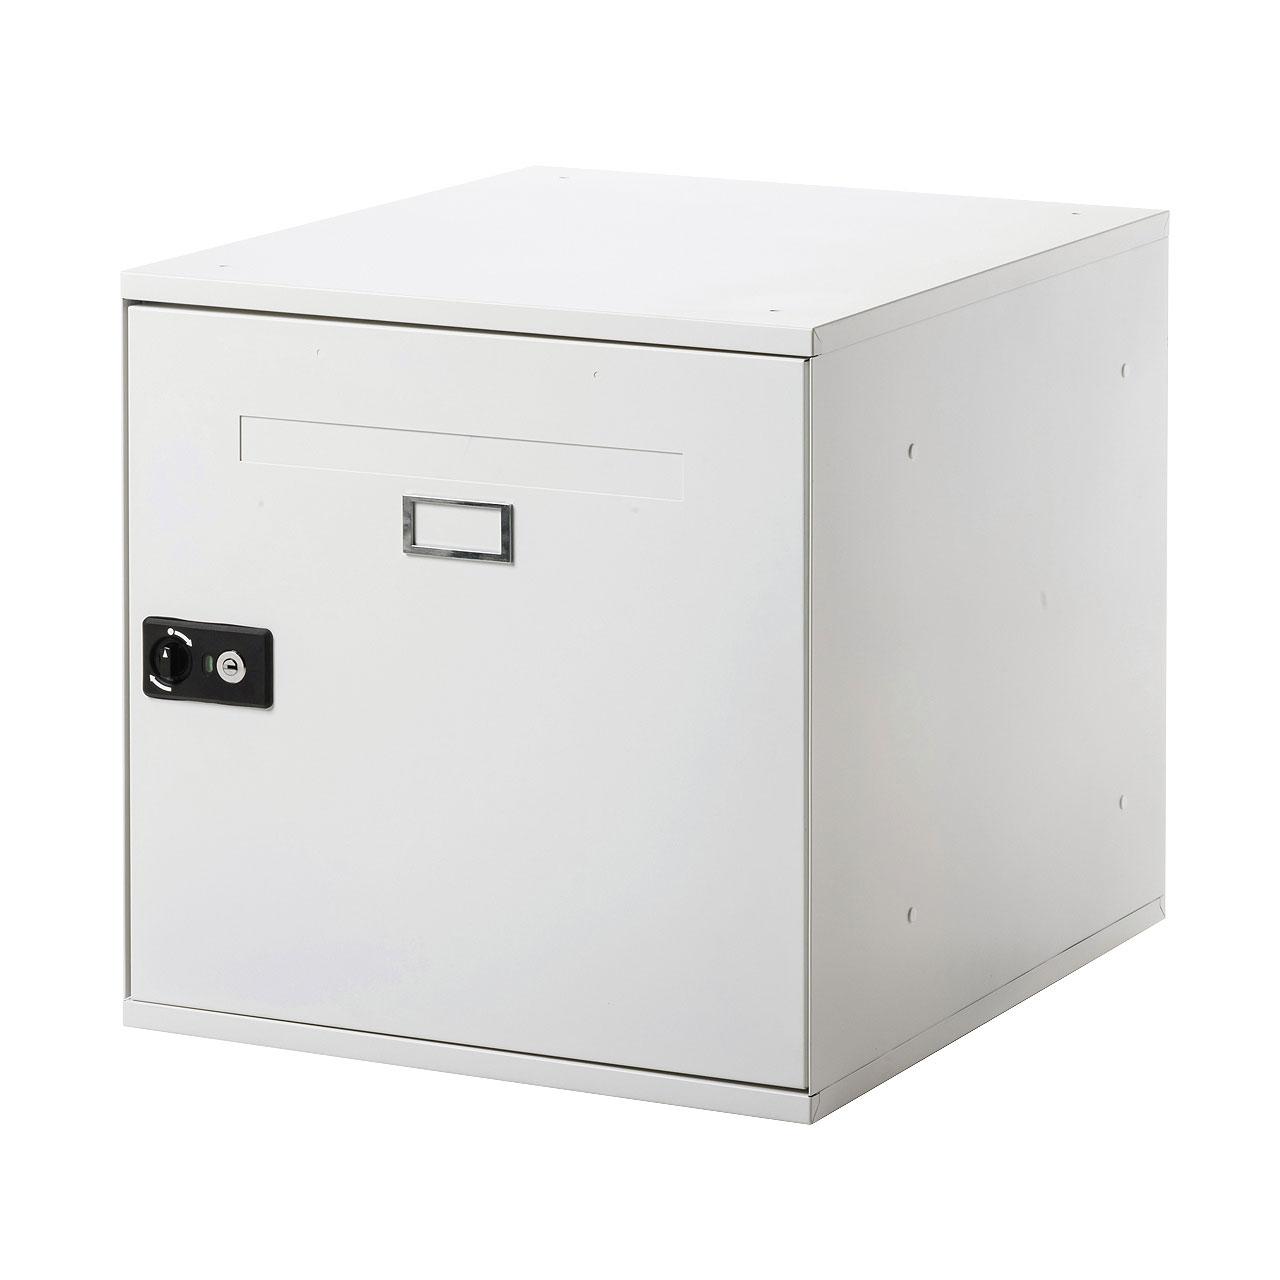 宅配ボックス&ロッカー商品画像